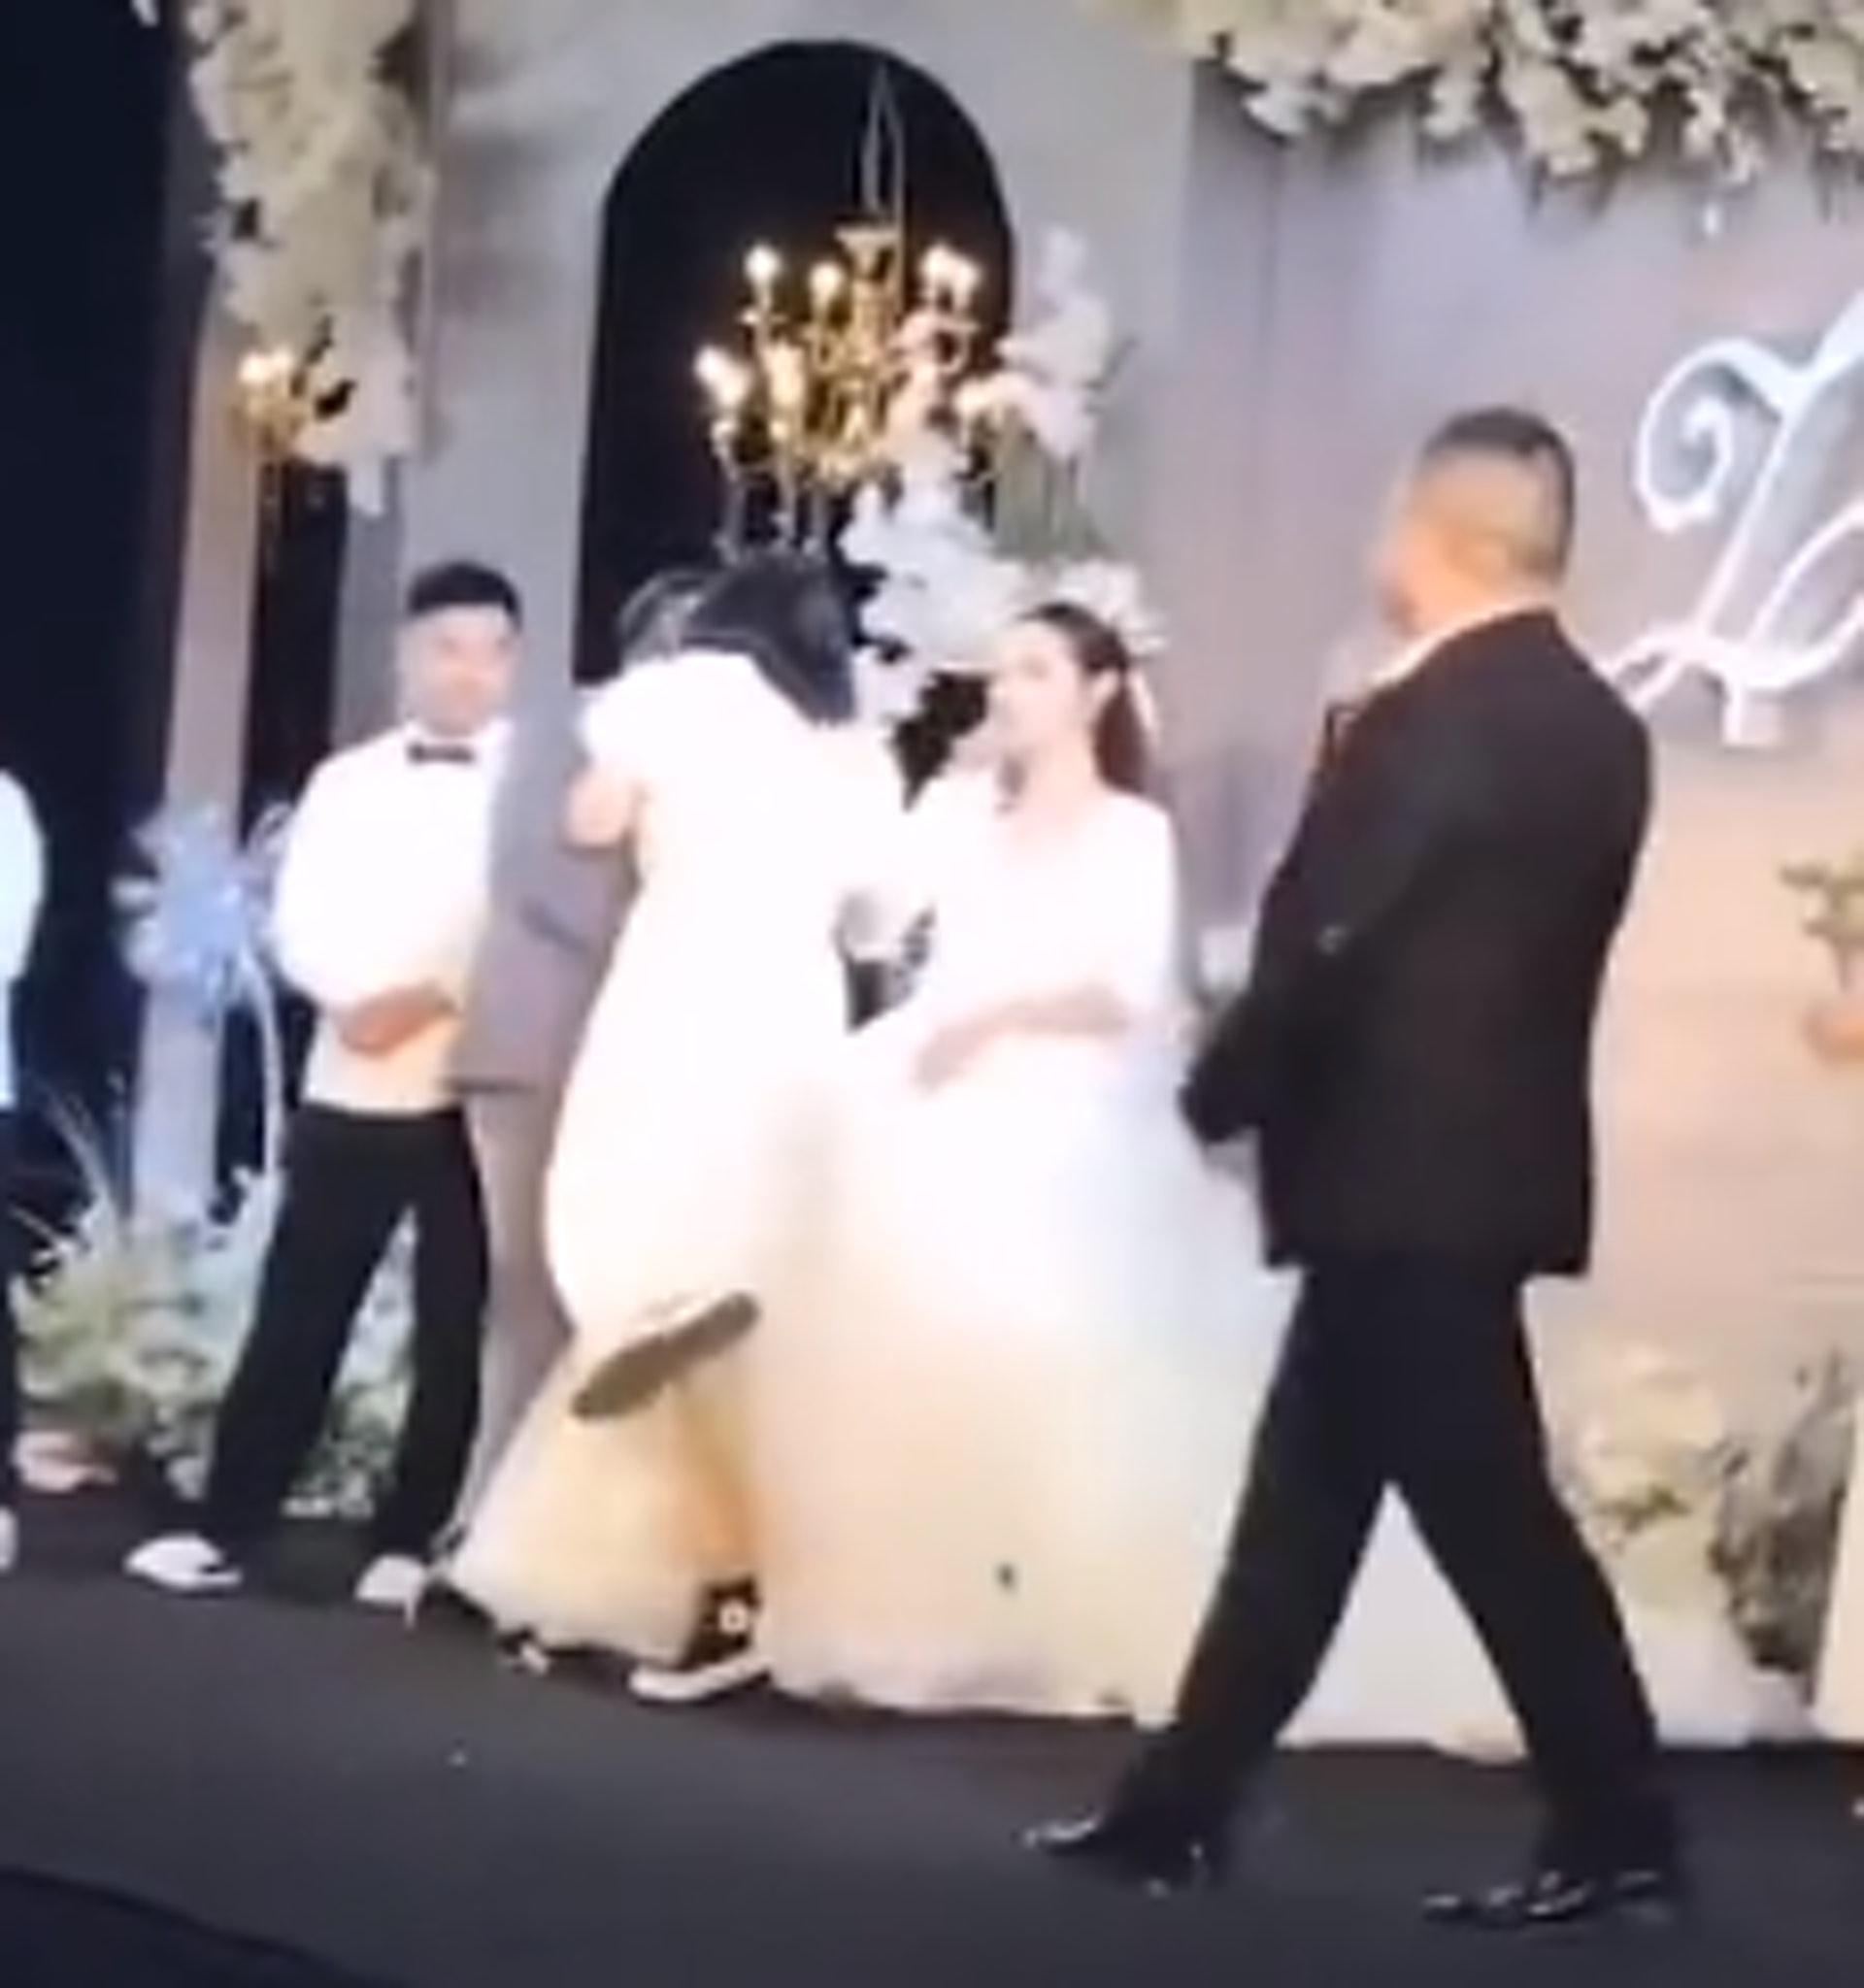 伴娘台上飞扑强吻新郎 新娘即黑脸 司仪4个字化解尴尬